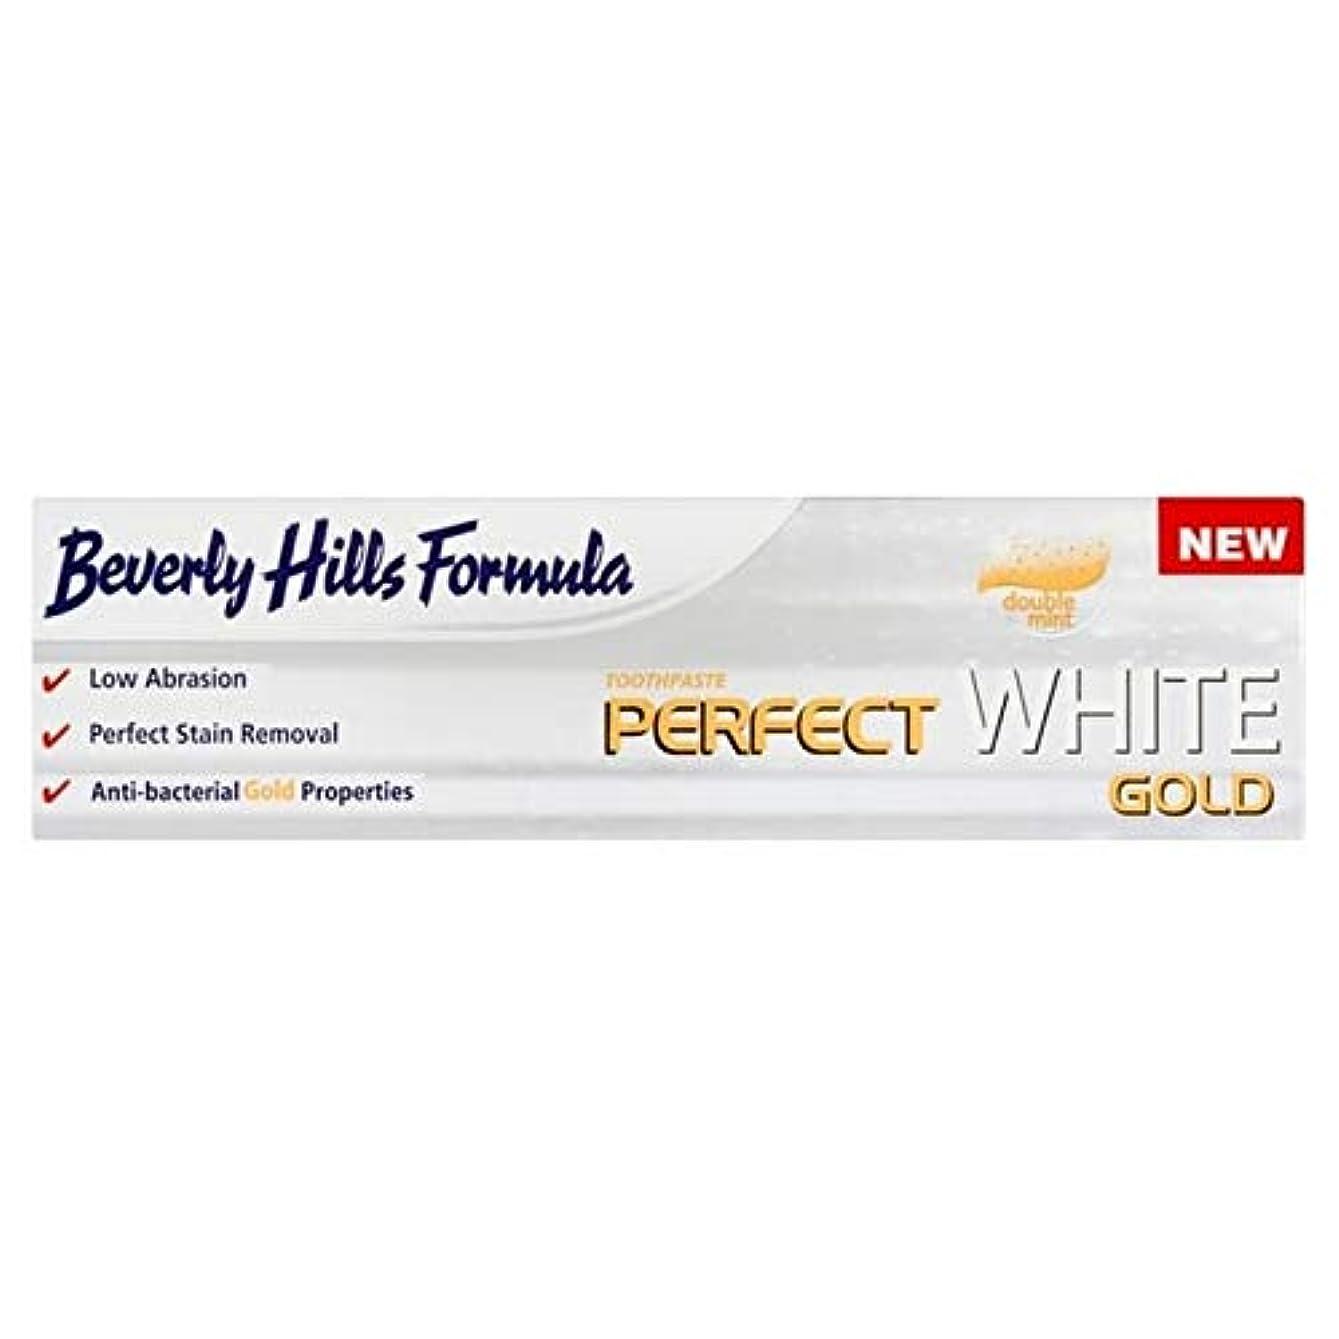 プラグ危険タッチ[Beverly Hills ] ビバリーヒルズ公式パーフェクトホワイトゴールドの100ミリリットル - Beverly Hills Formula Perfect White Gold 100ml [並行輸入品]